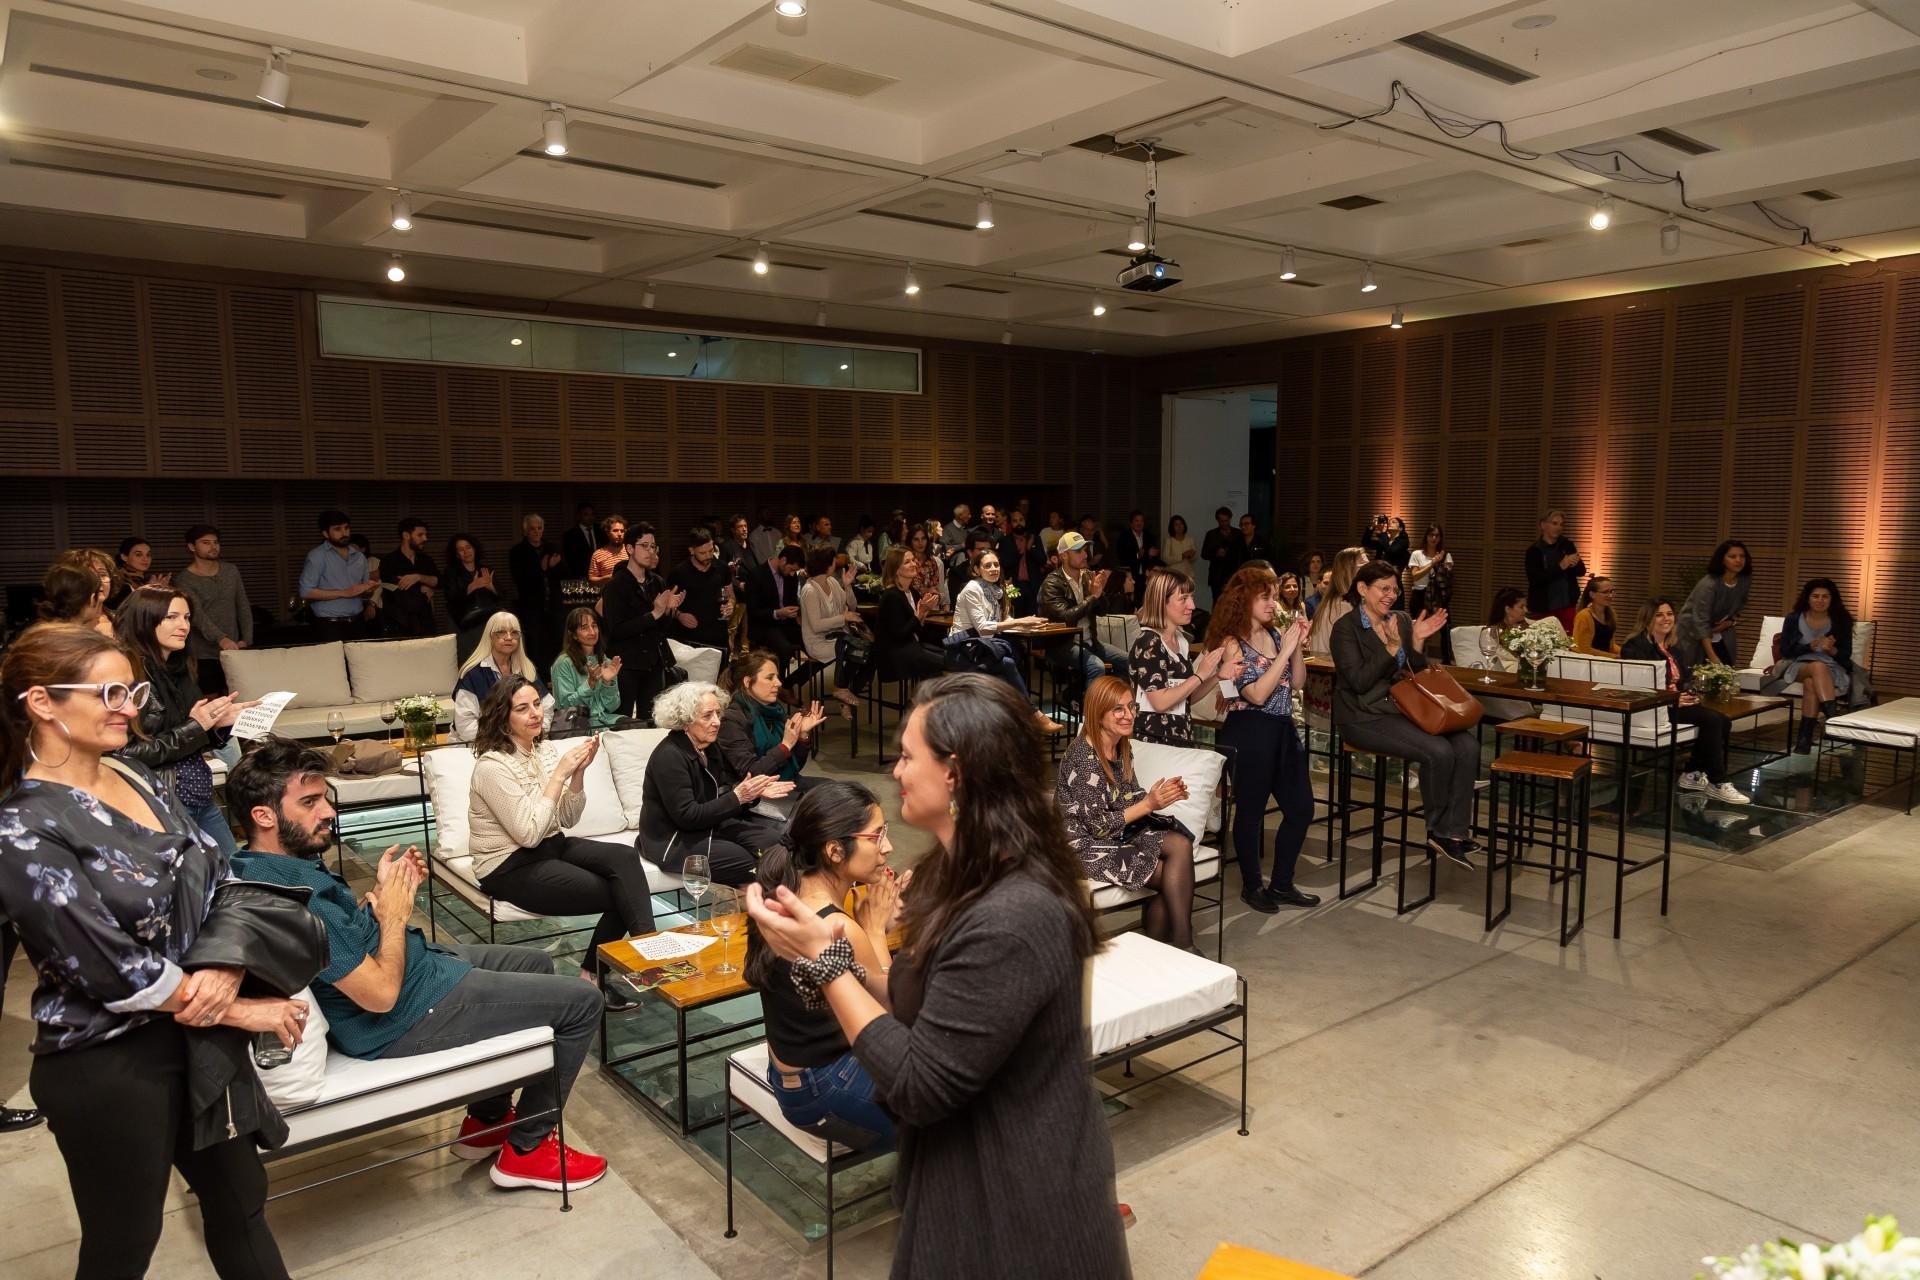 Presentación nueva identidad visual Museo de Arte Moderno de Buenos Aires.